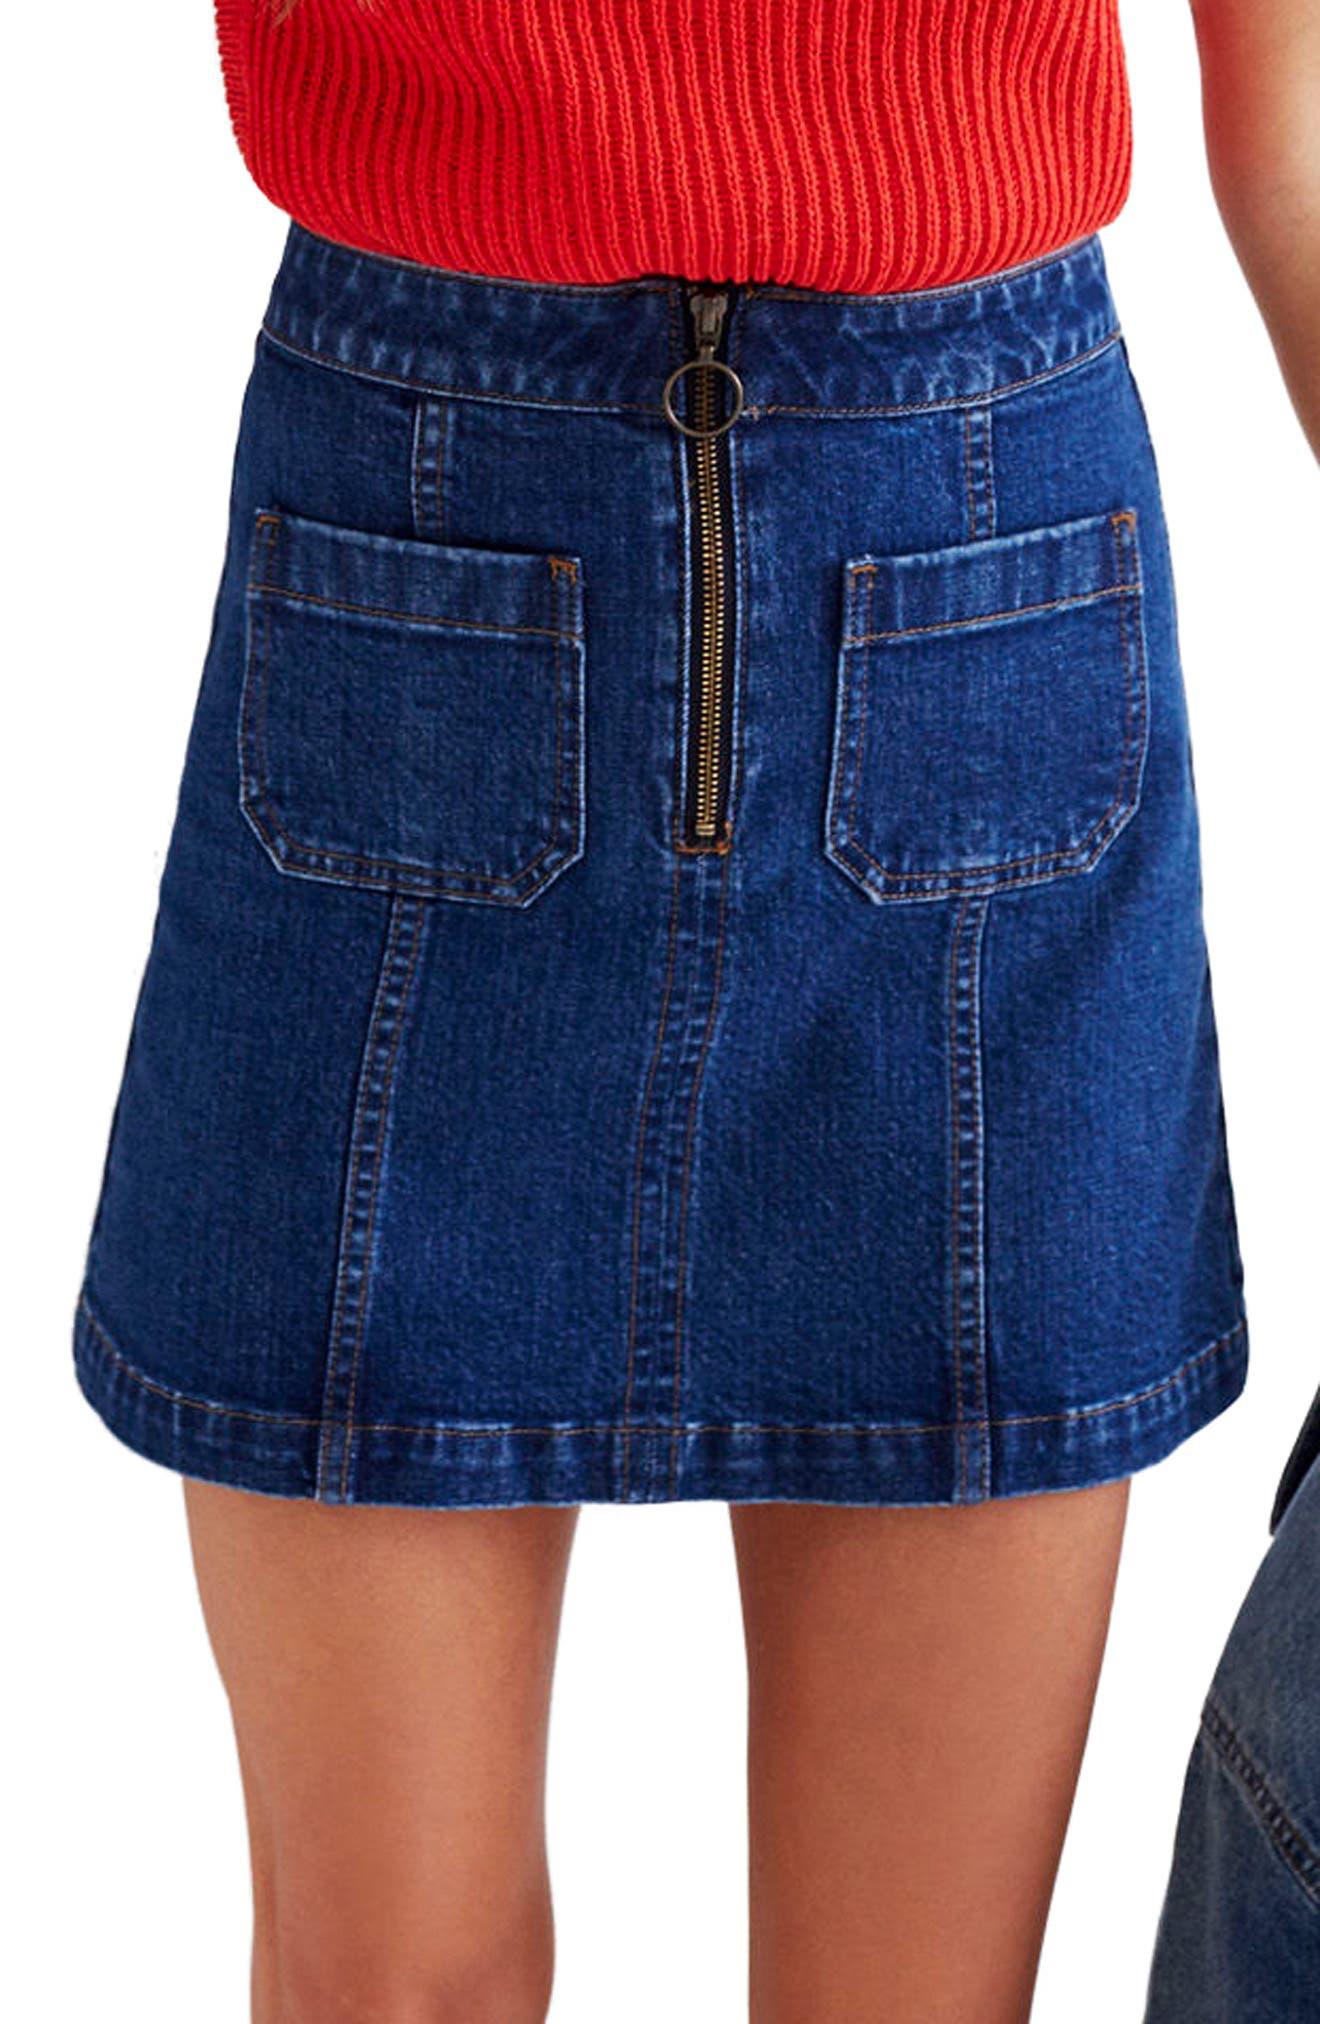 Alternate Image 1 Selected - Madewell Denim Miniskirt